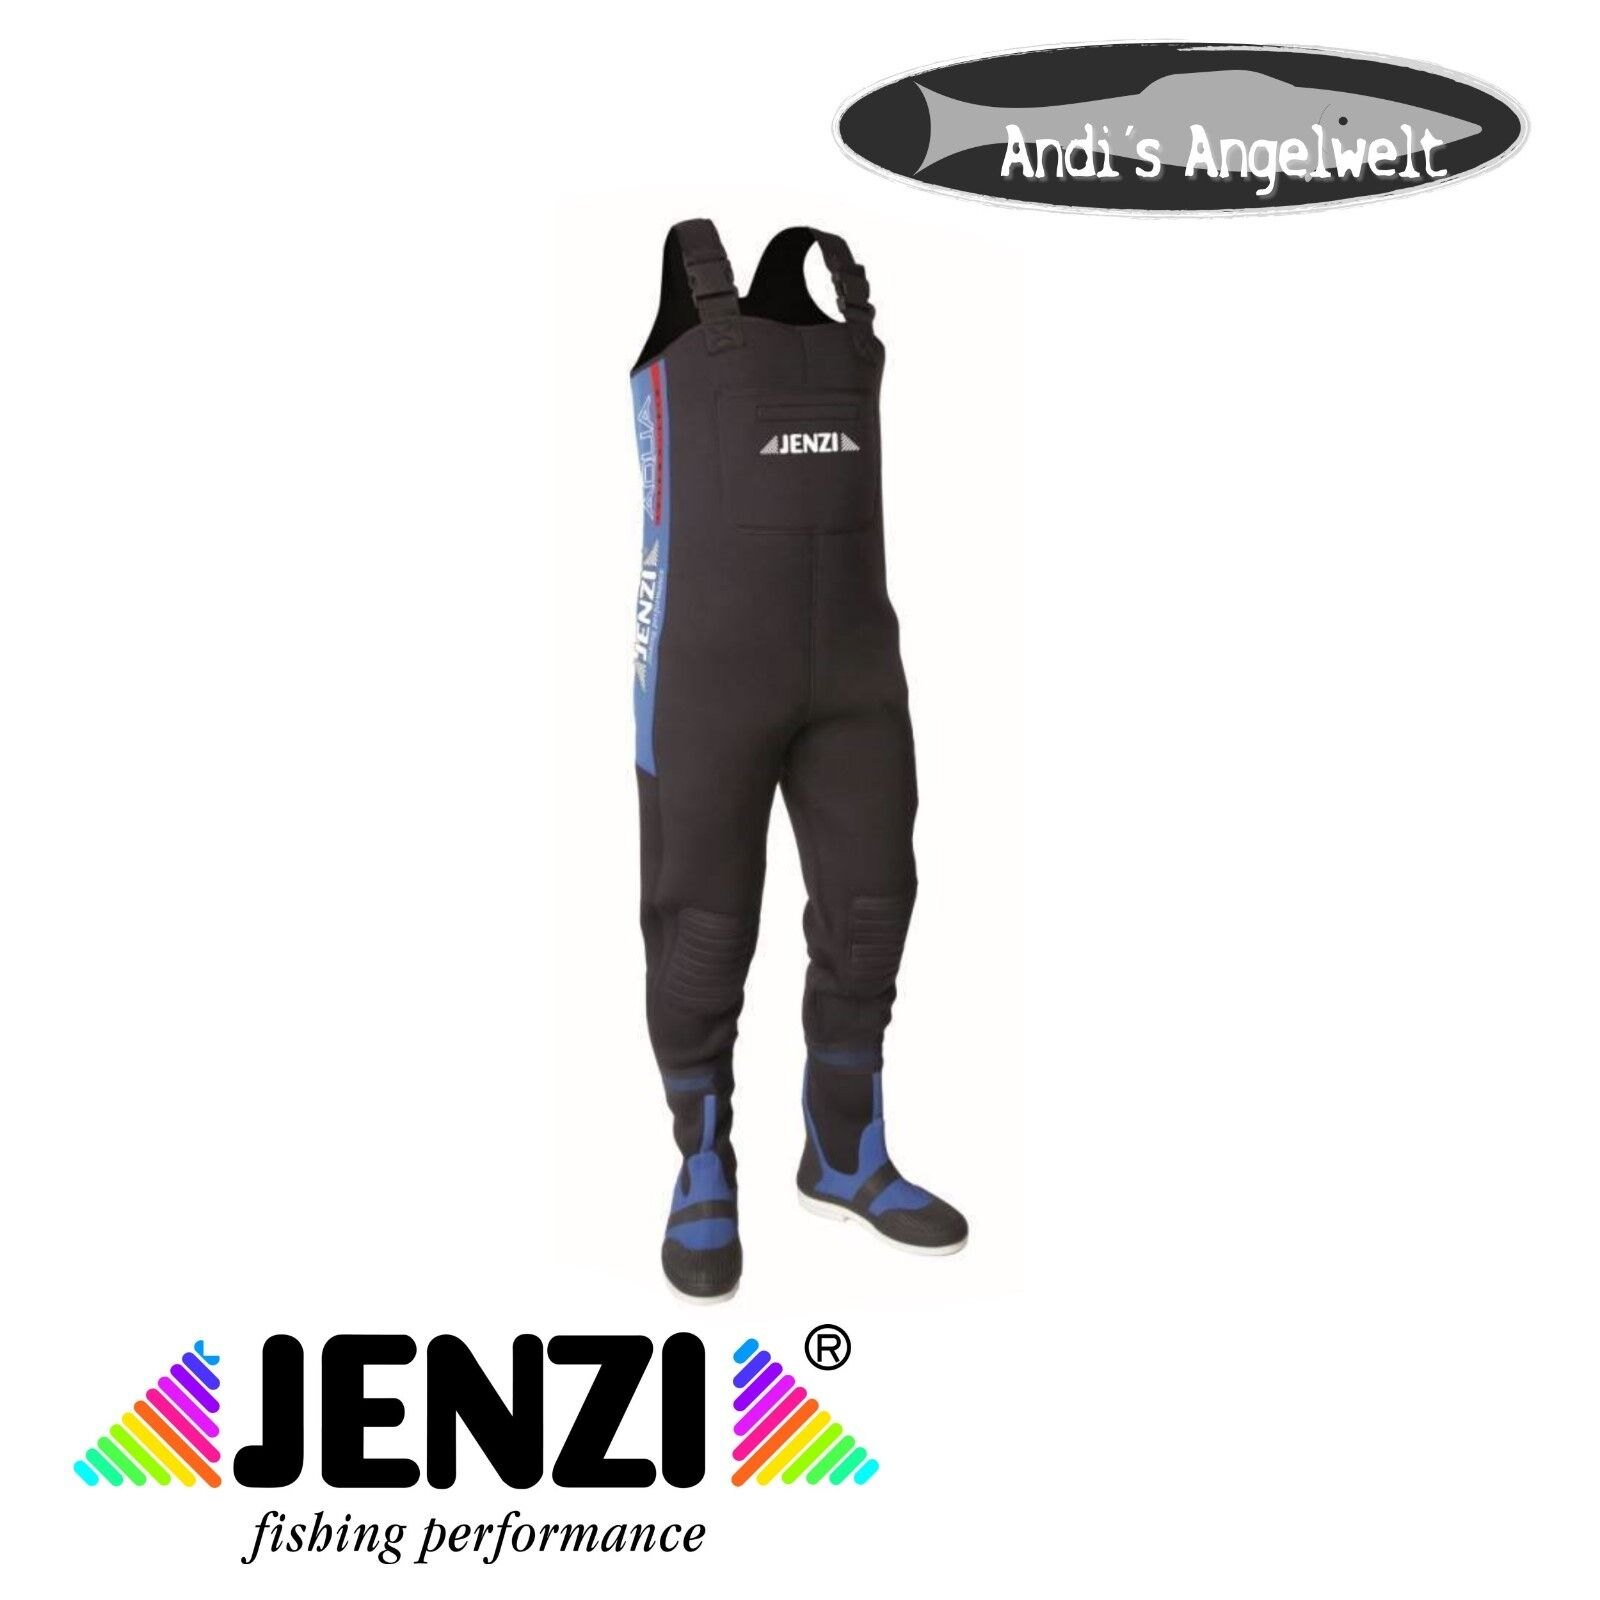 Jenzi Neopren-Wathose -  5mm Neopren - Ideal zum Fischen in jeder Jahreszeit    perfect